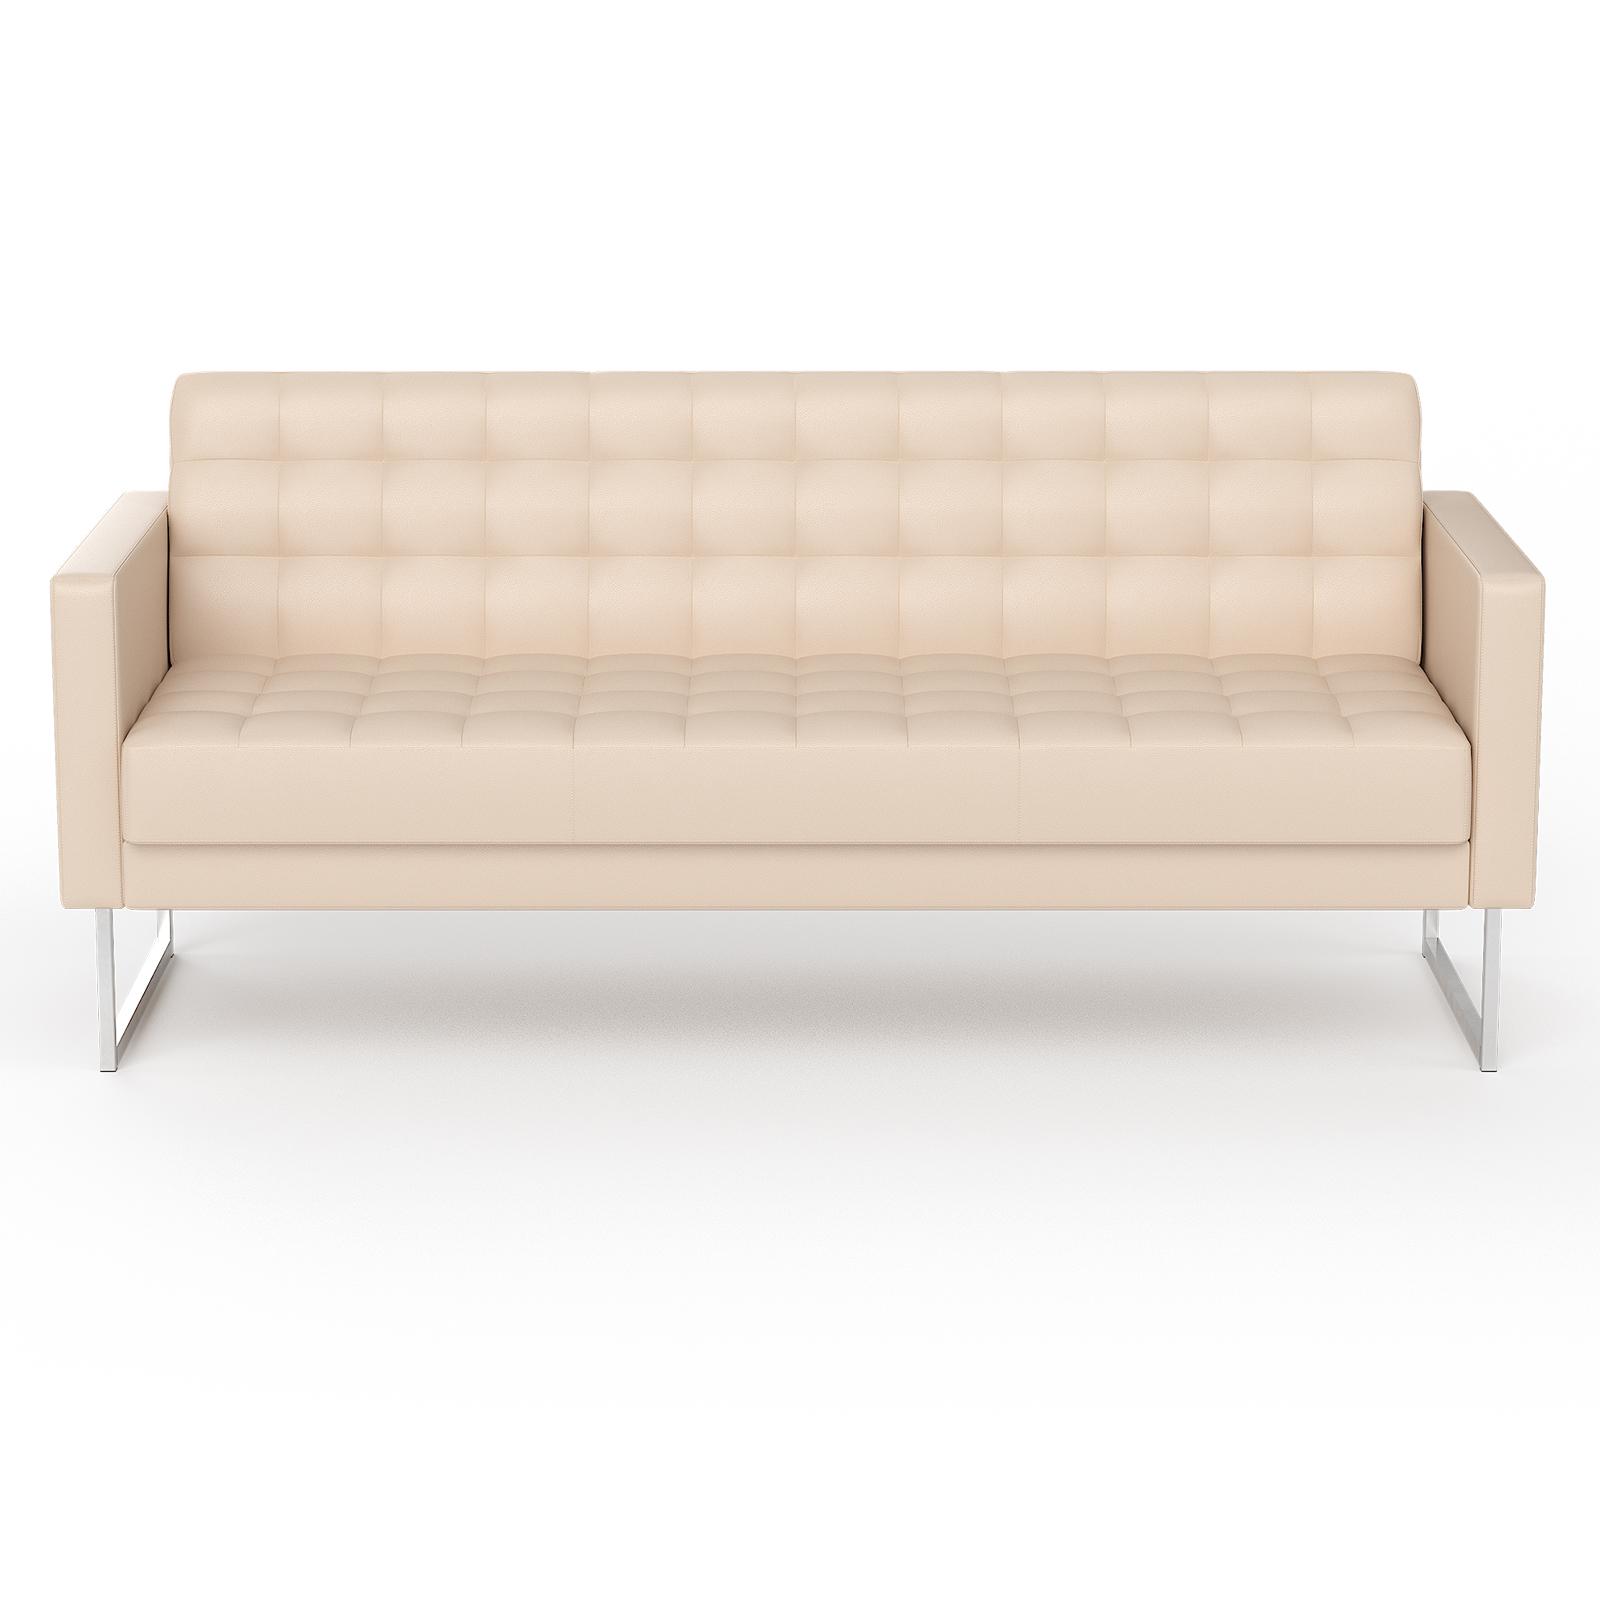 ВАРНА диван трехместный